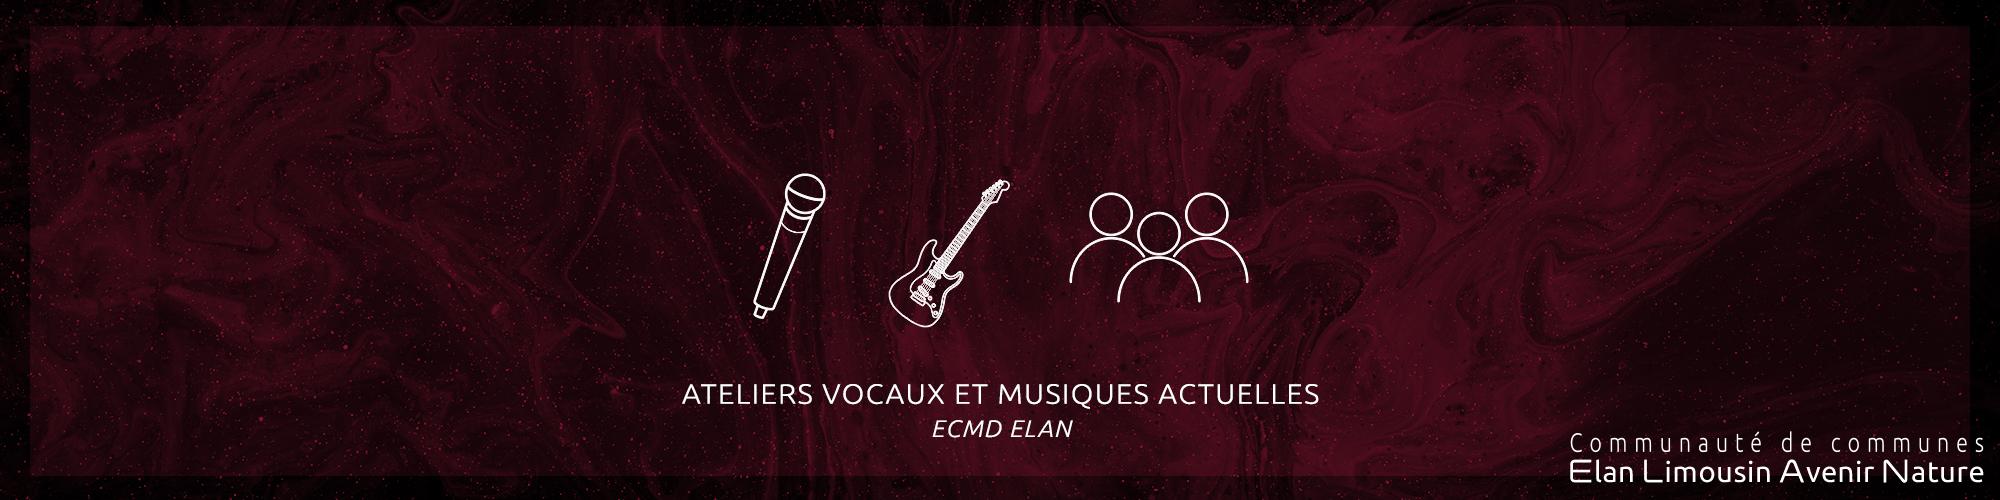 Ateliers vocaux et musiques actuelles à l'ECMD ELAN